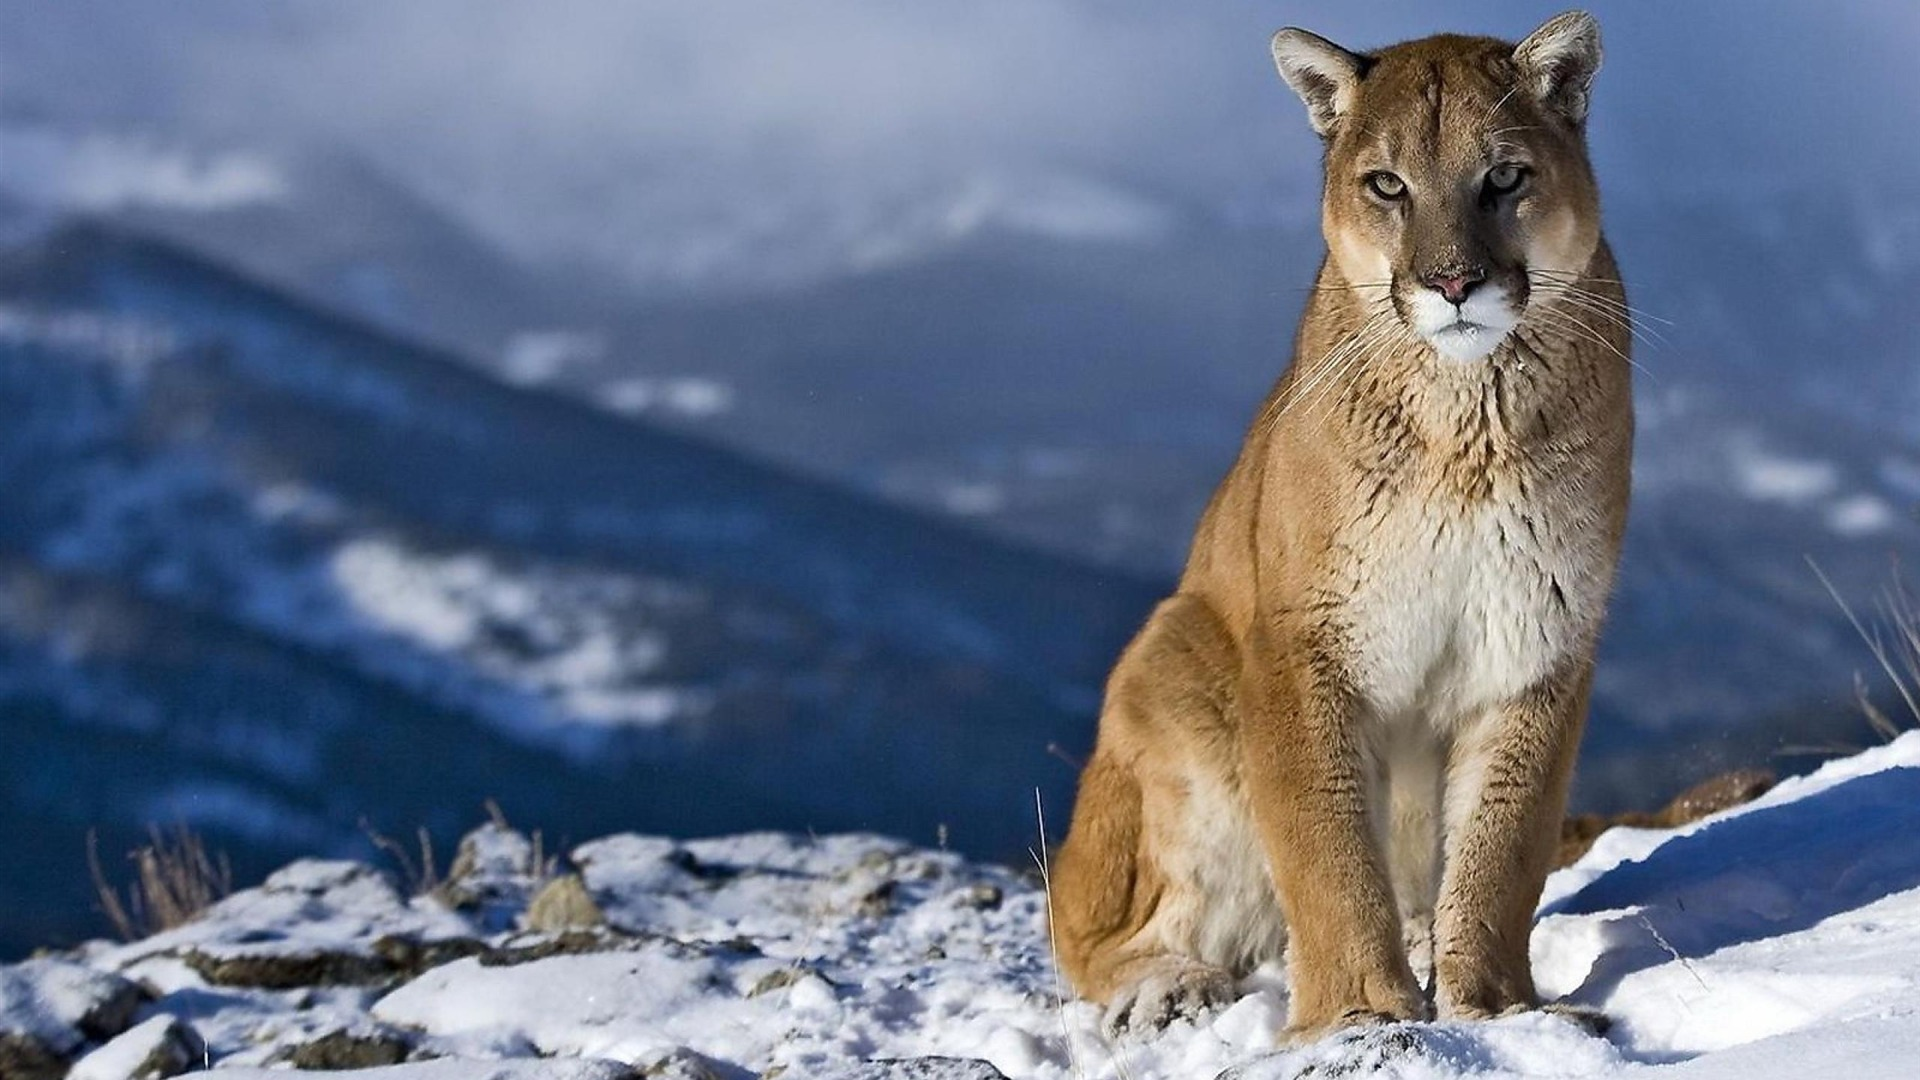 mountain lion animal desktop hd wallpaper